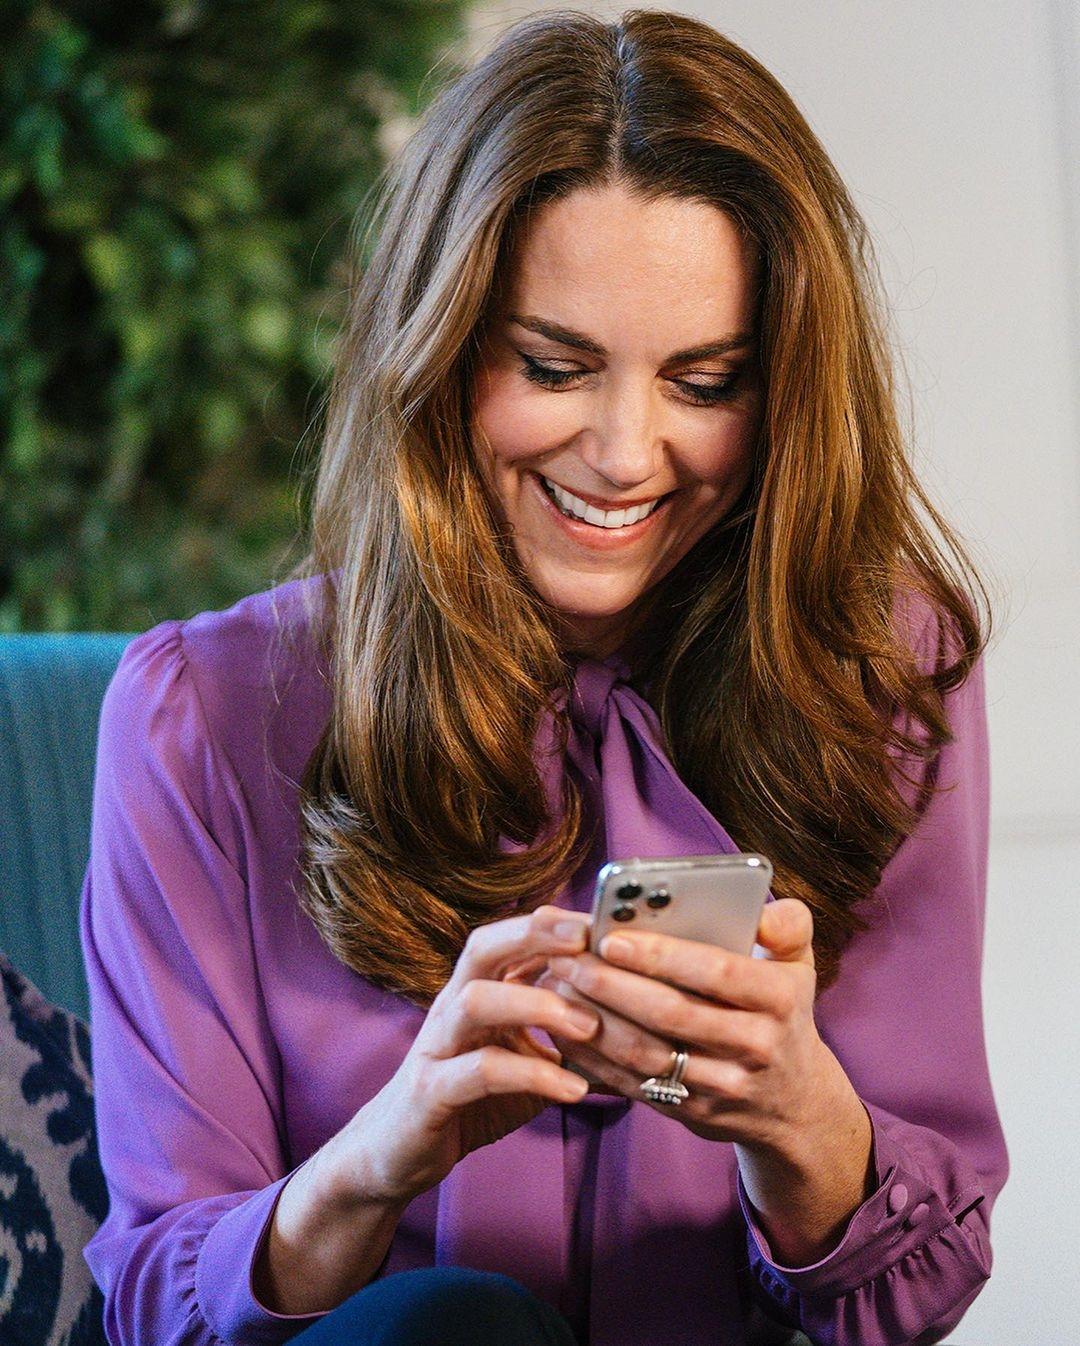 Лавандовый — тренд сезона: рассматриваем новые образы Кейт Миддлтон (ФОТО) - фото №2